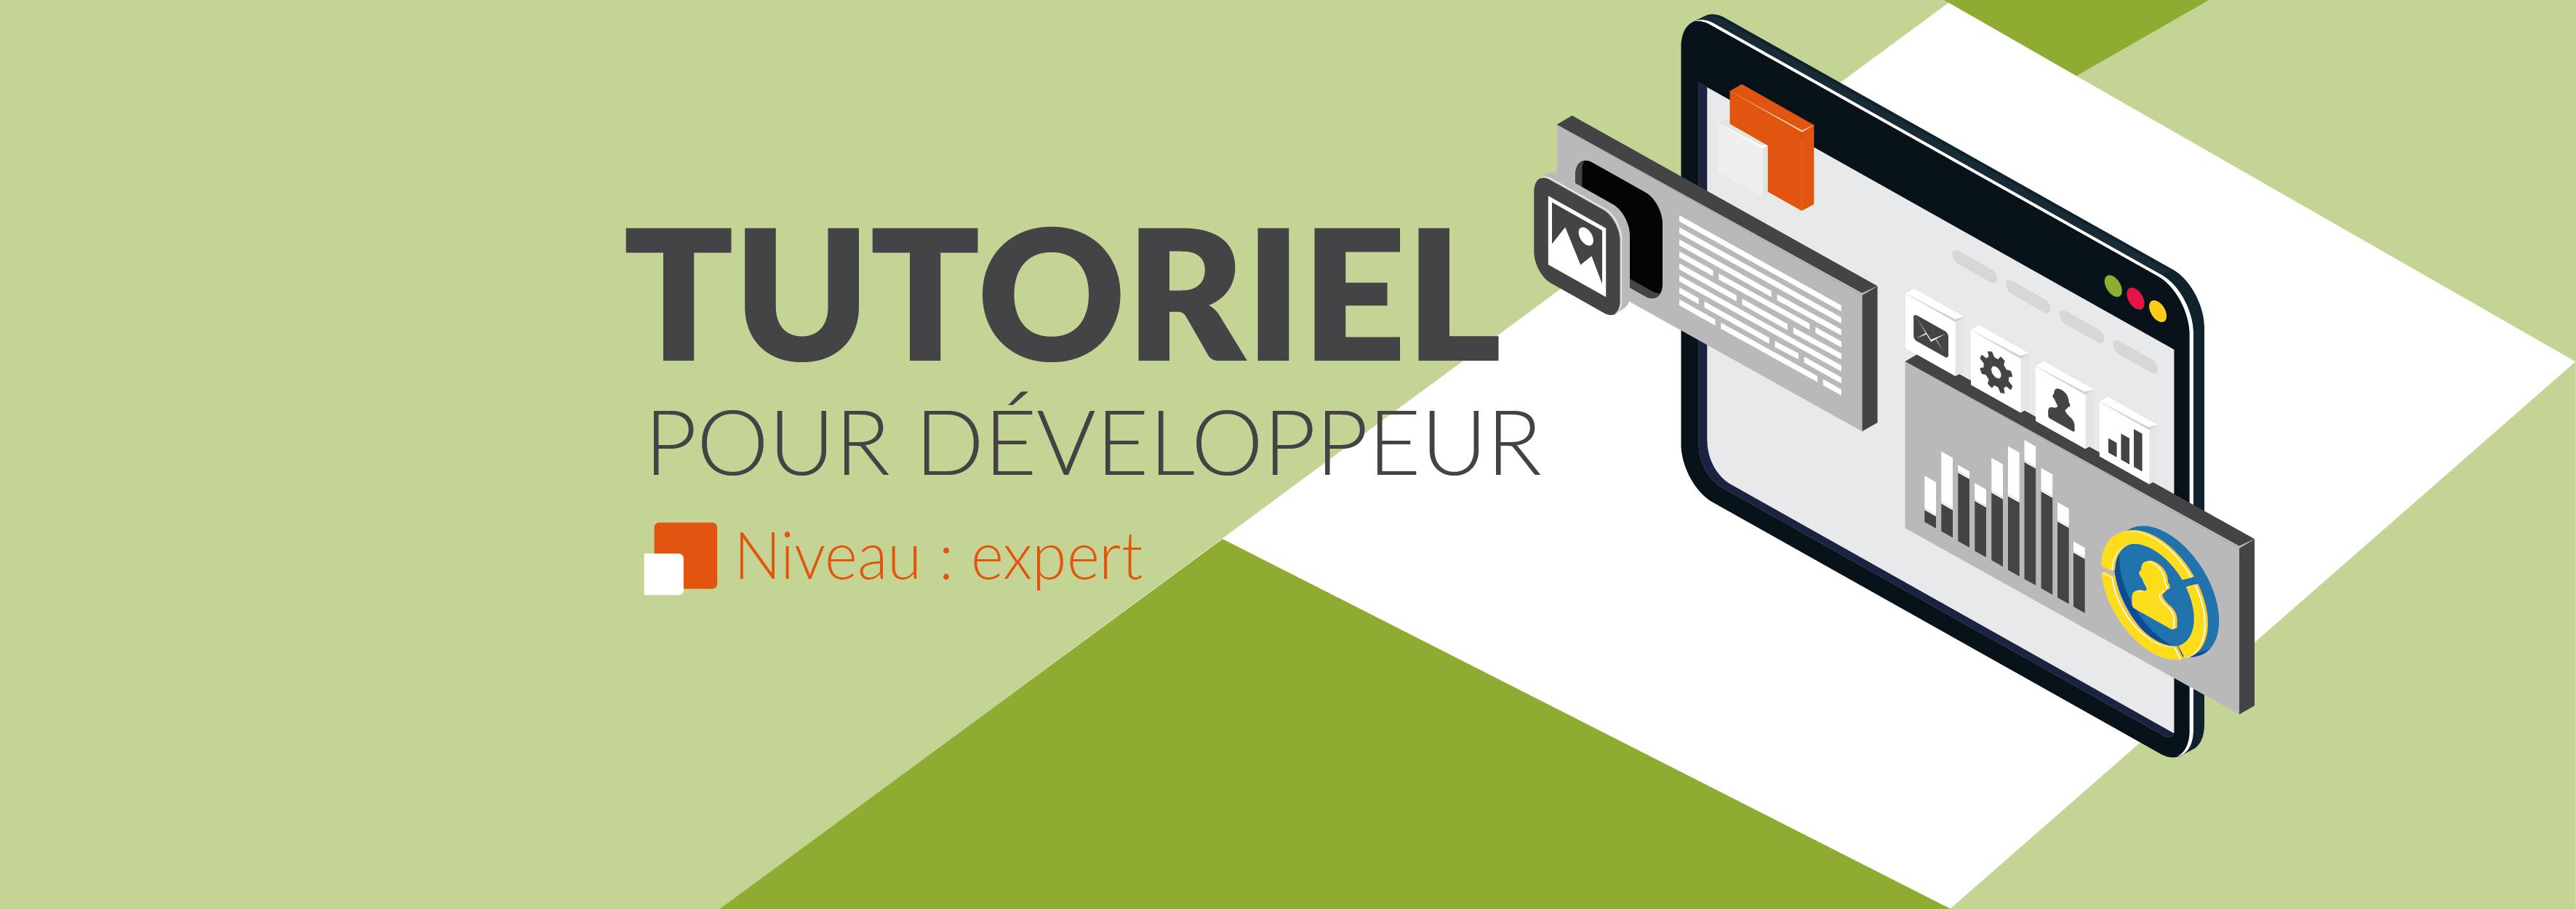 Bannière tutoriel développeur